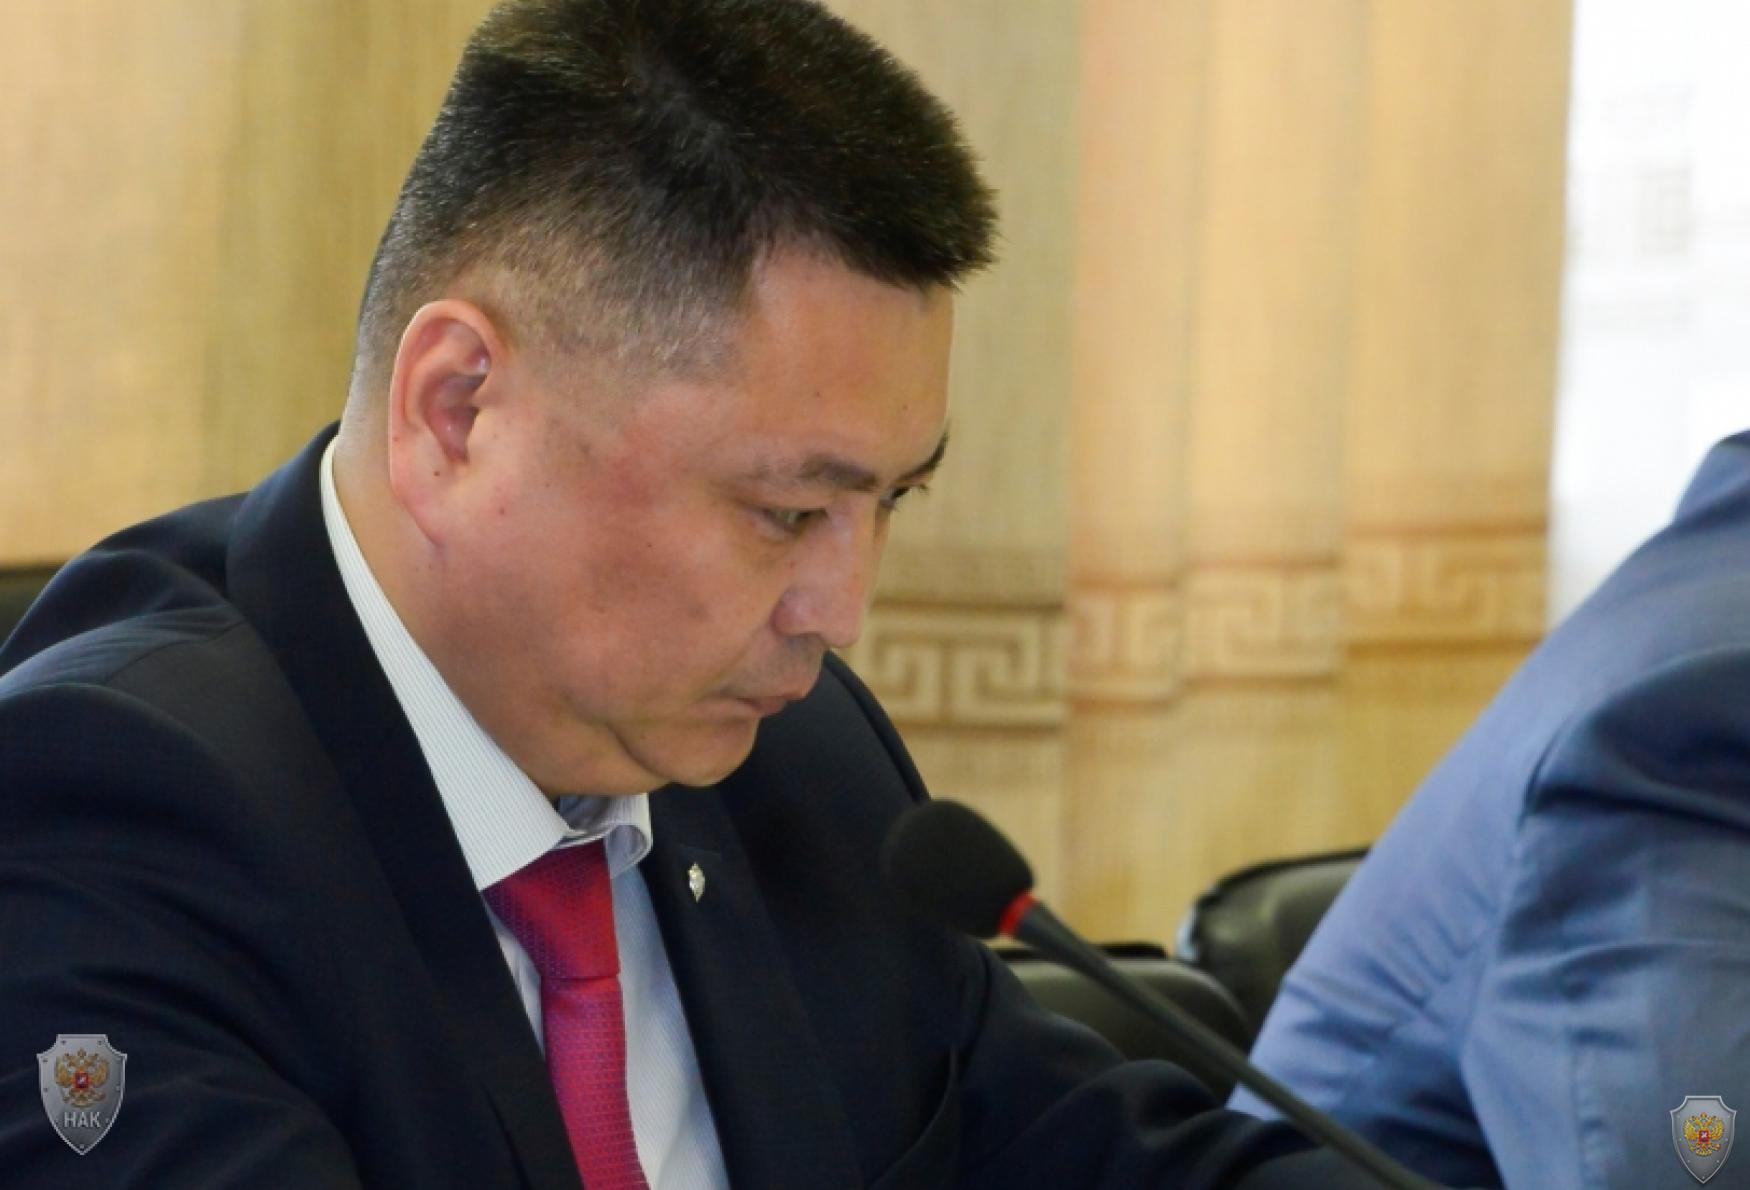 Руководитель аппарата антитеррористической комиссии в Республике Тыва А.О. Куулар